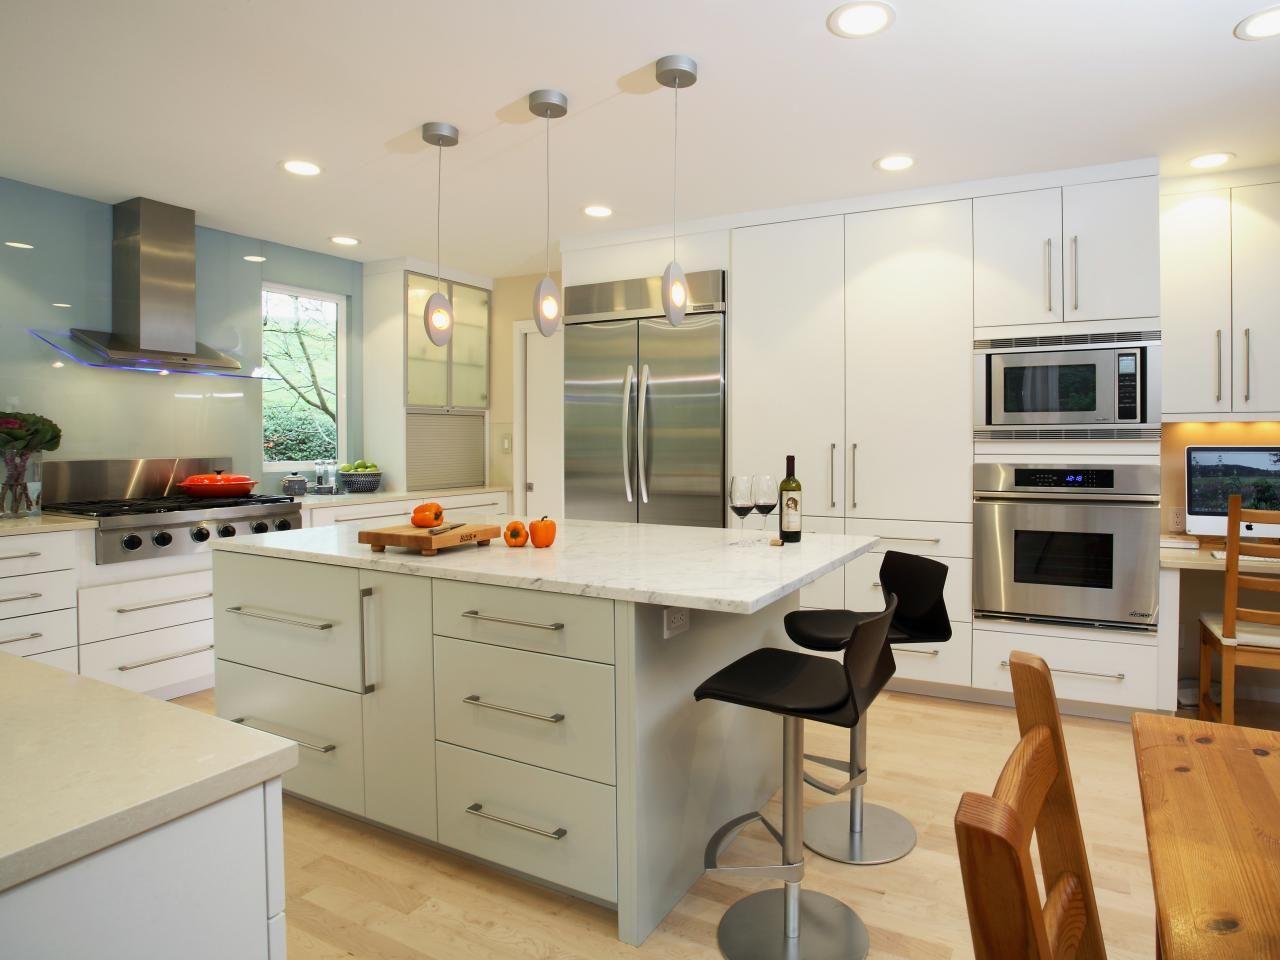 27+ Modern kitchen design sioux city information